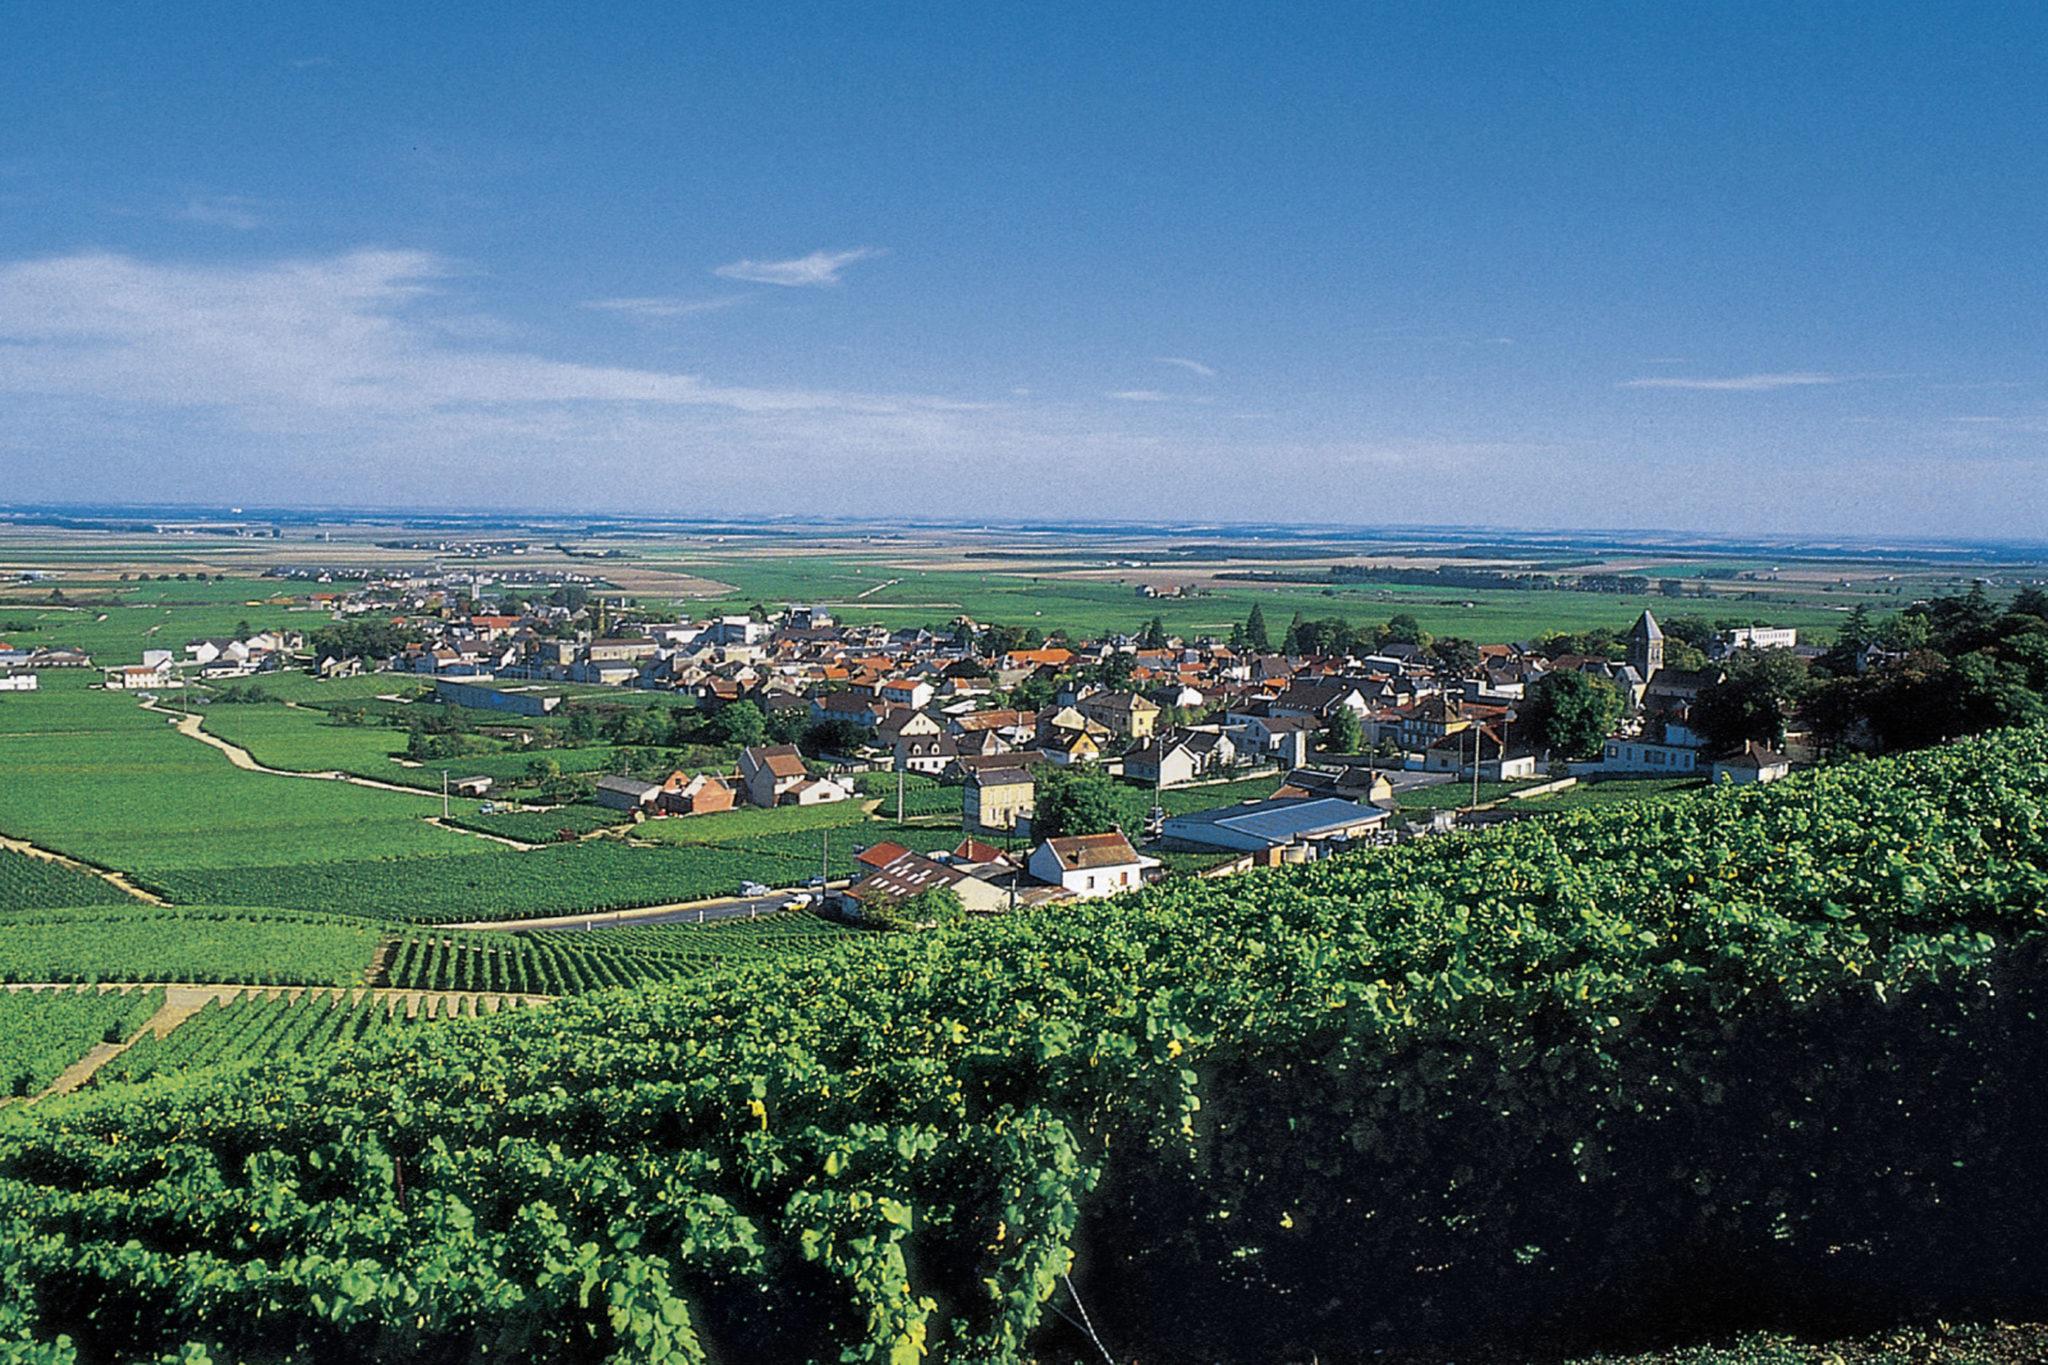 Avize, l'une des communes du triangle d'or de la Côte des Blancs (Mich.el Jolyot.)